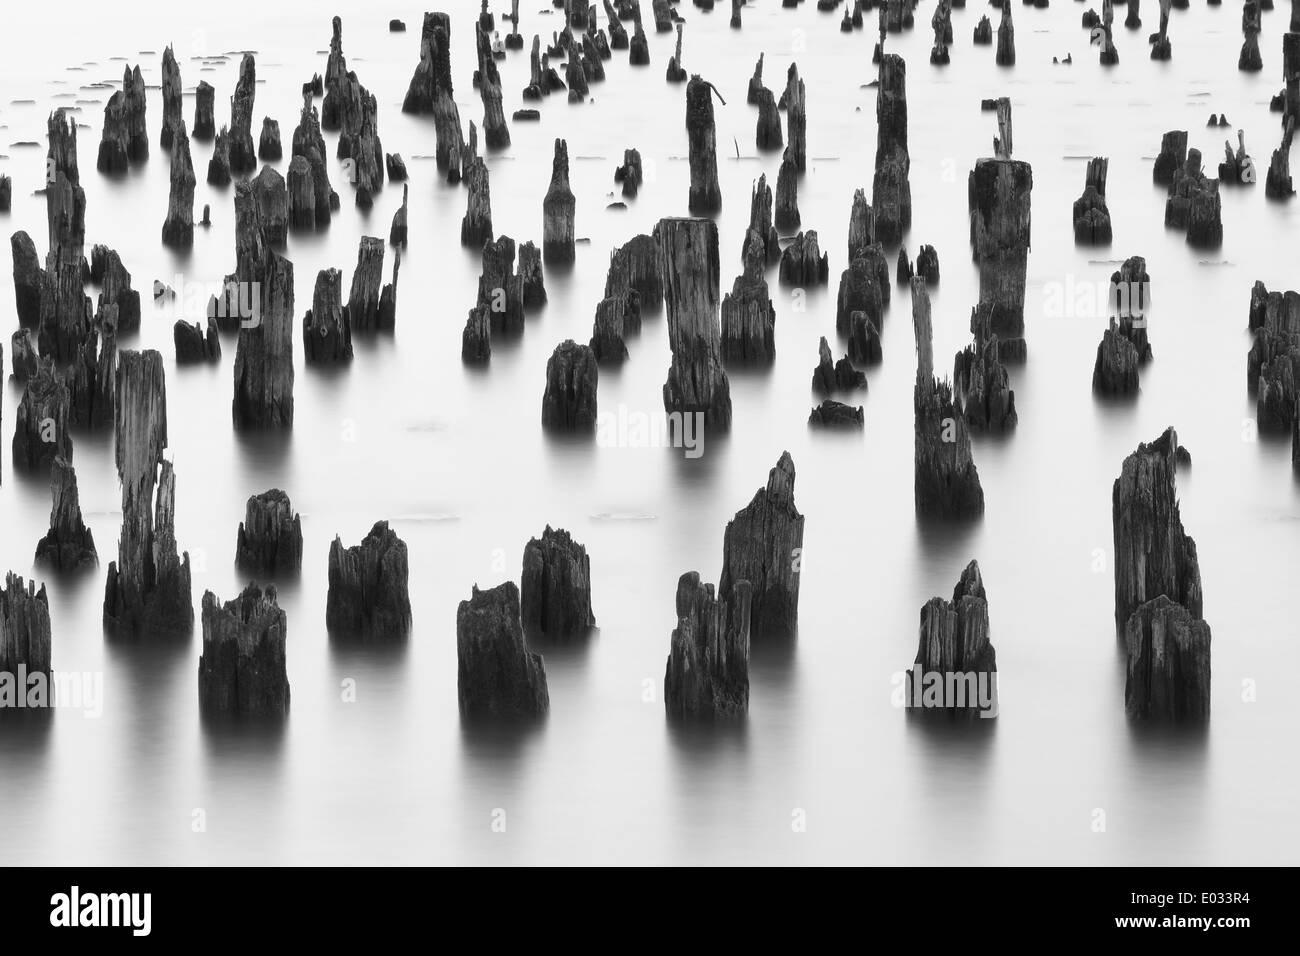 Alten Holzpfosten im Wasser, Langzeitbelichtung Stockbild